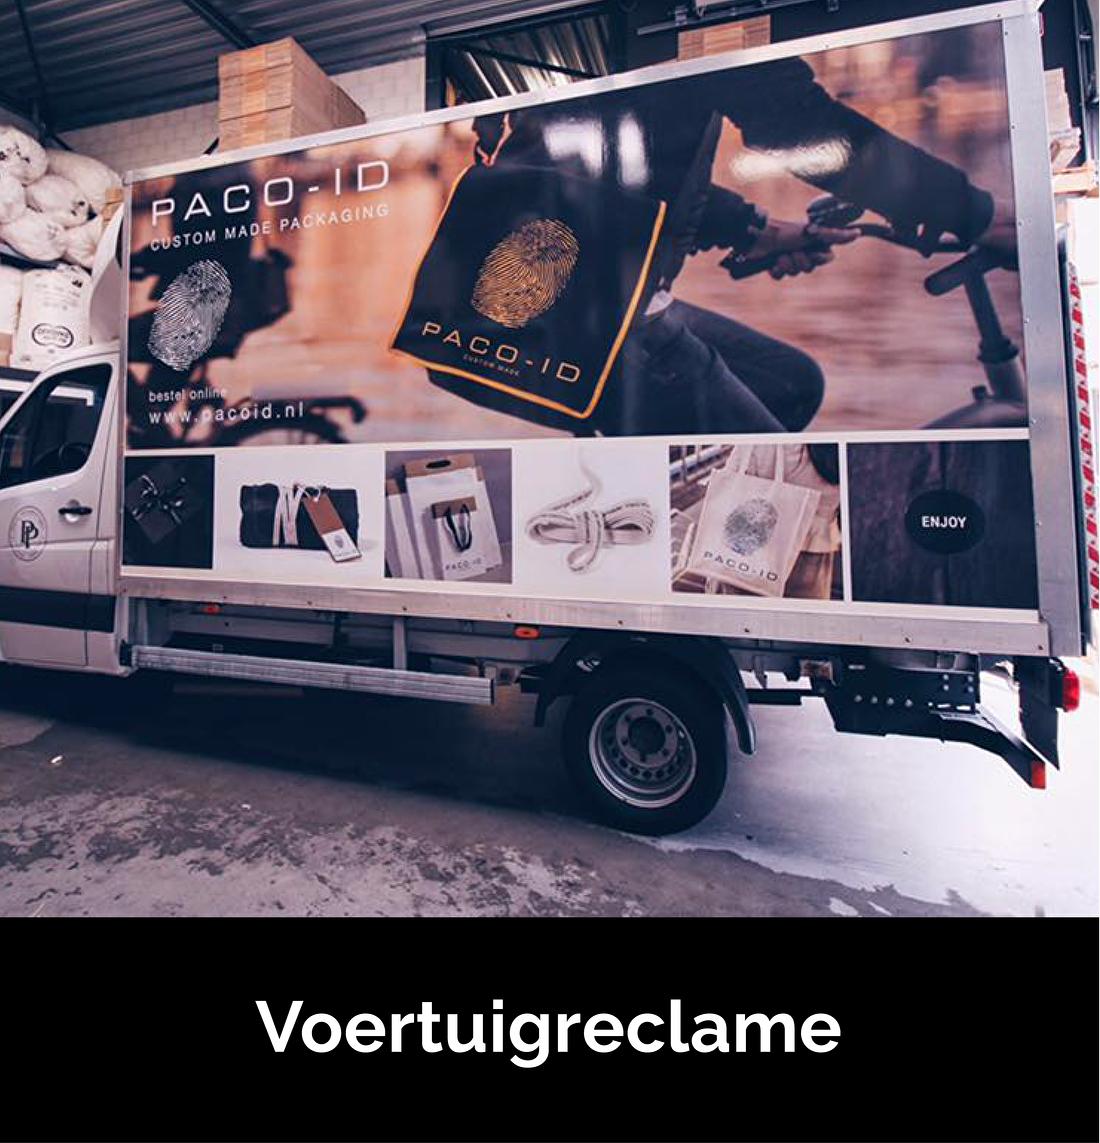 Diensten_Categorieen-5.png